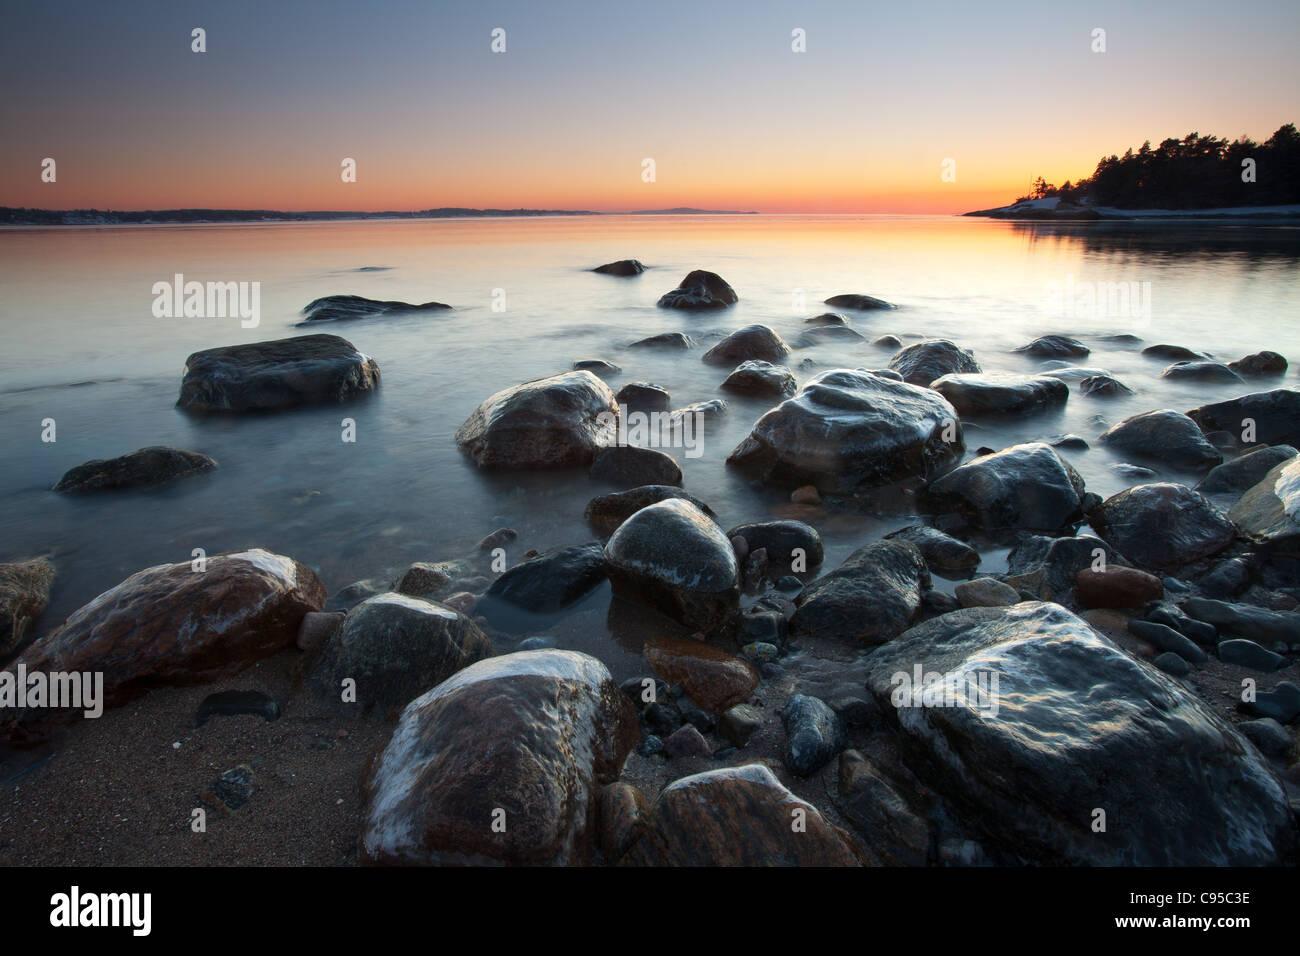 Paysage côtier au crépuscule au four, par l'horizon, à Råde kommune, Østfold fylke, Photo Stock